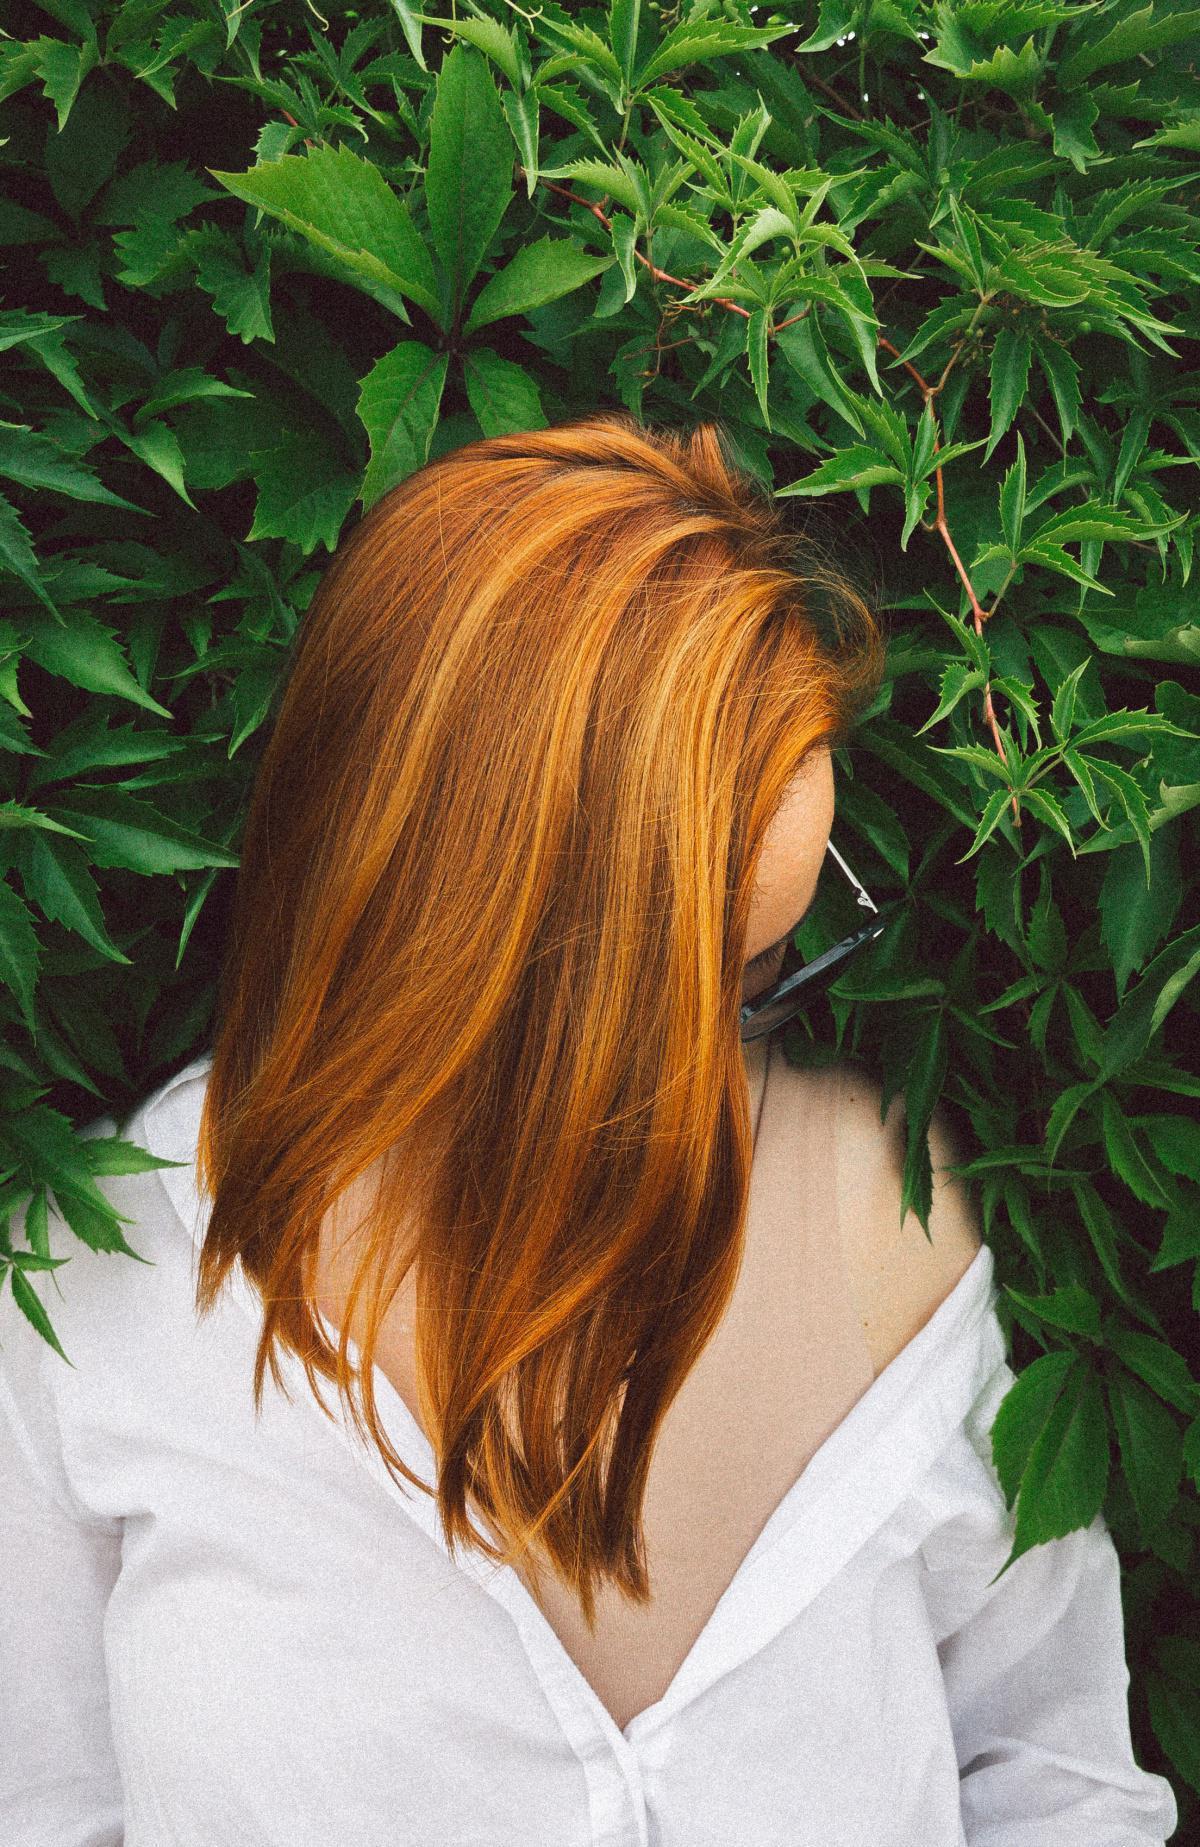 Quelle est l'influence de la couleur naturelle des cheveux sur les résultats d'une analyse de cheveux?